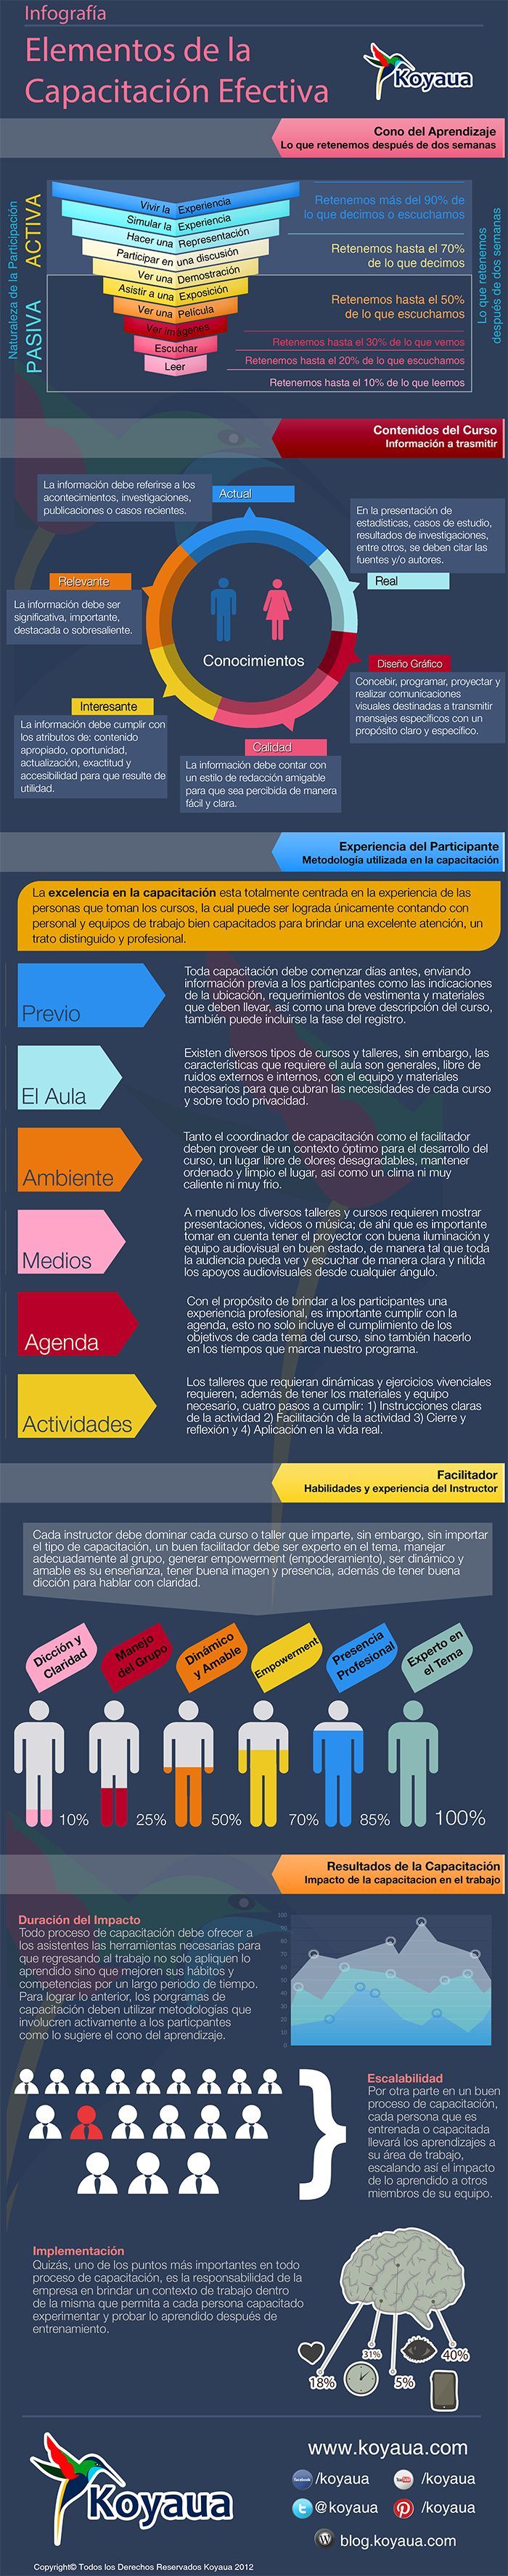 Infografía Elementos de la Capacitación Efectiva